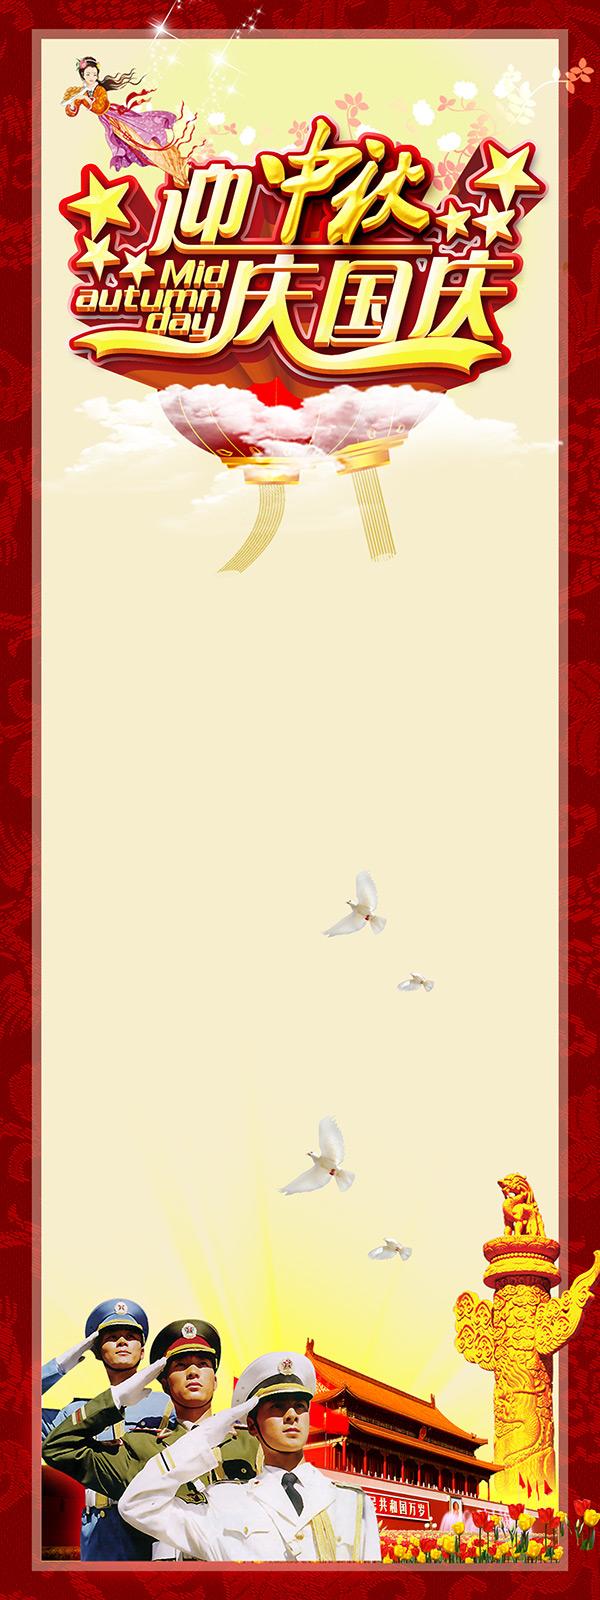 欢度国庆,黄金周,喜迎中秋,中秋佳节,中秋节吊旗,中秋展板,国庆dm